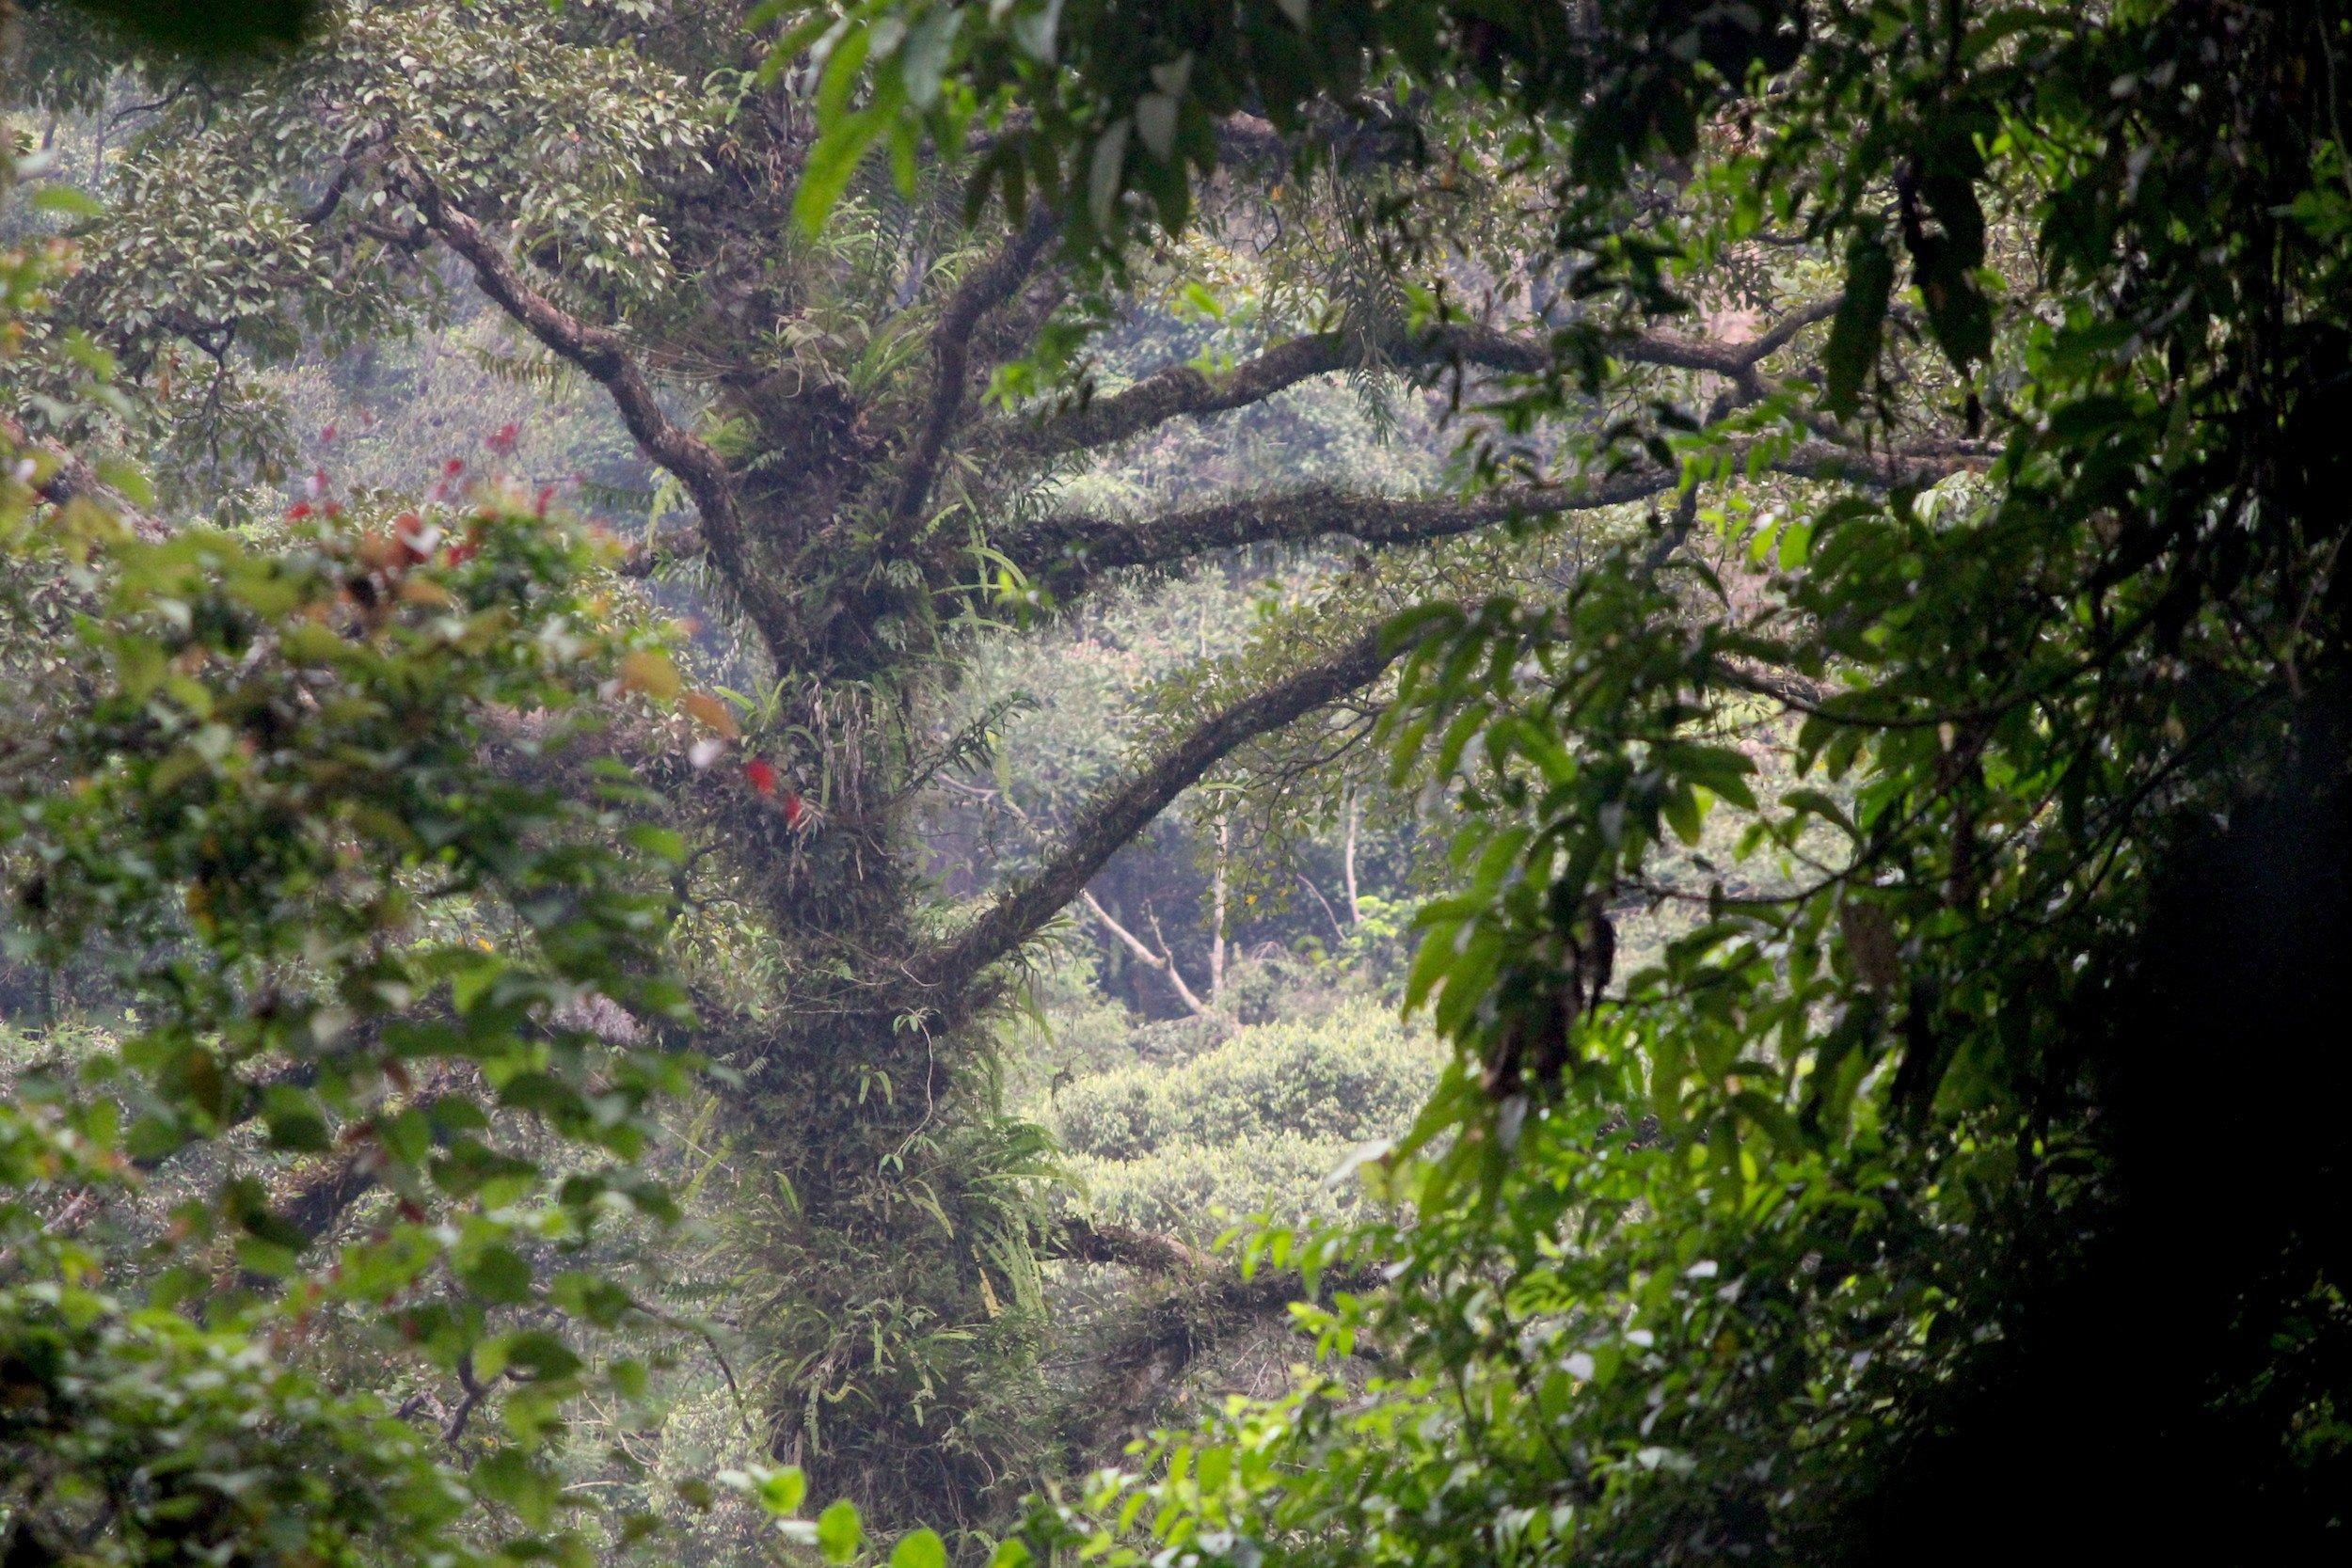 Das Bild zeigt einen großen Regenwaldbaum mit zahlreichen von Moos bewachsenen Ästen.